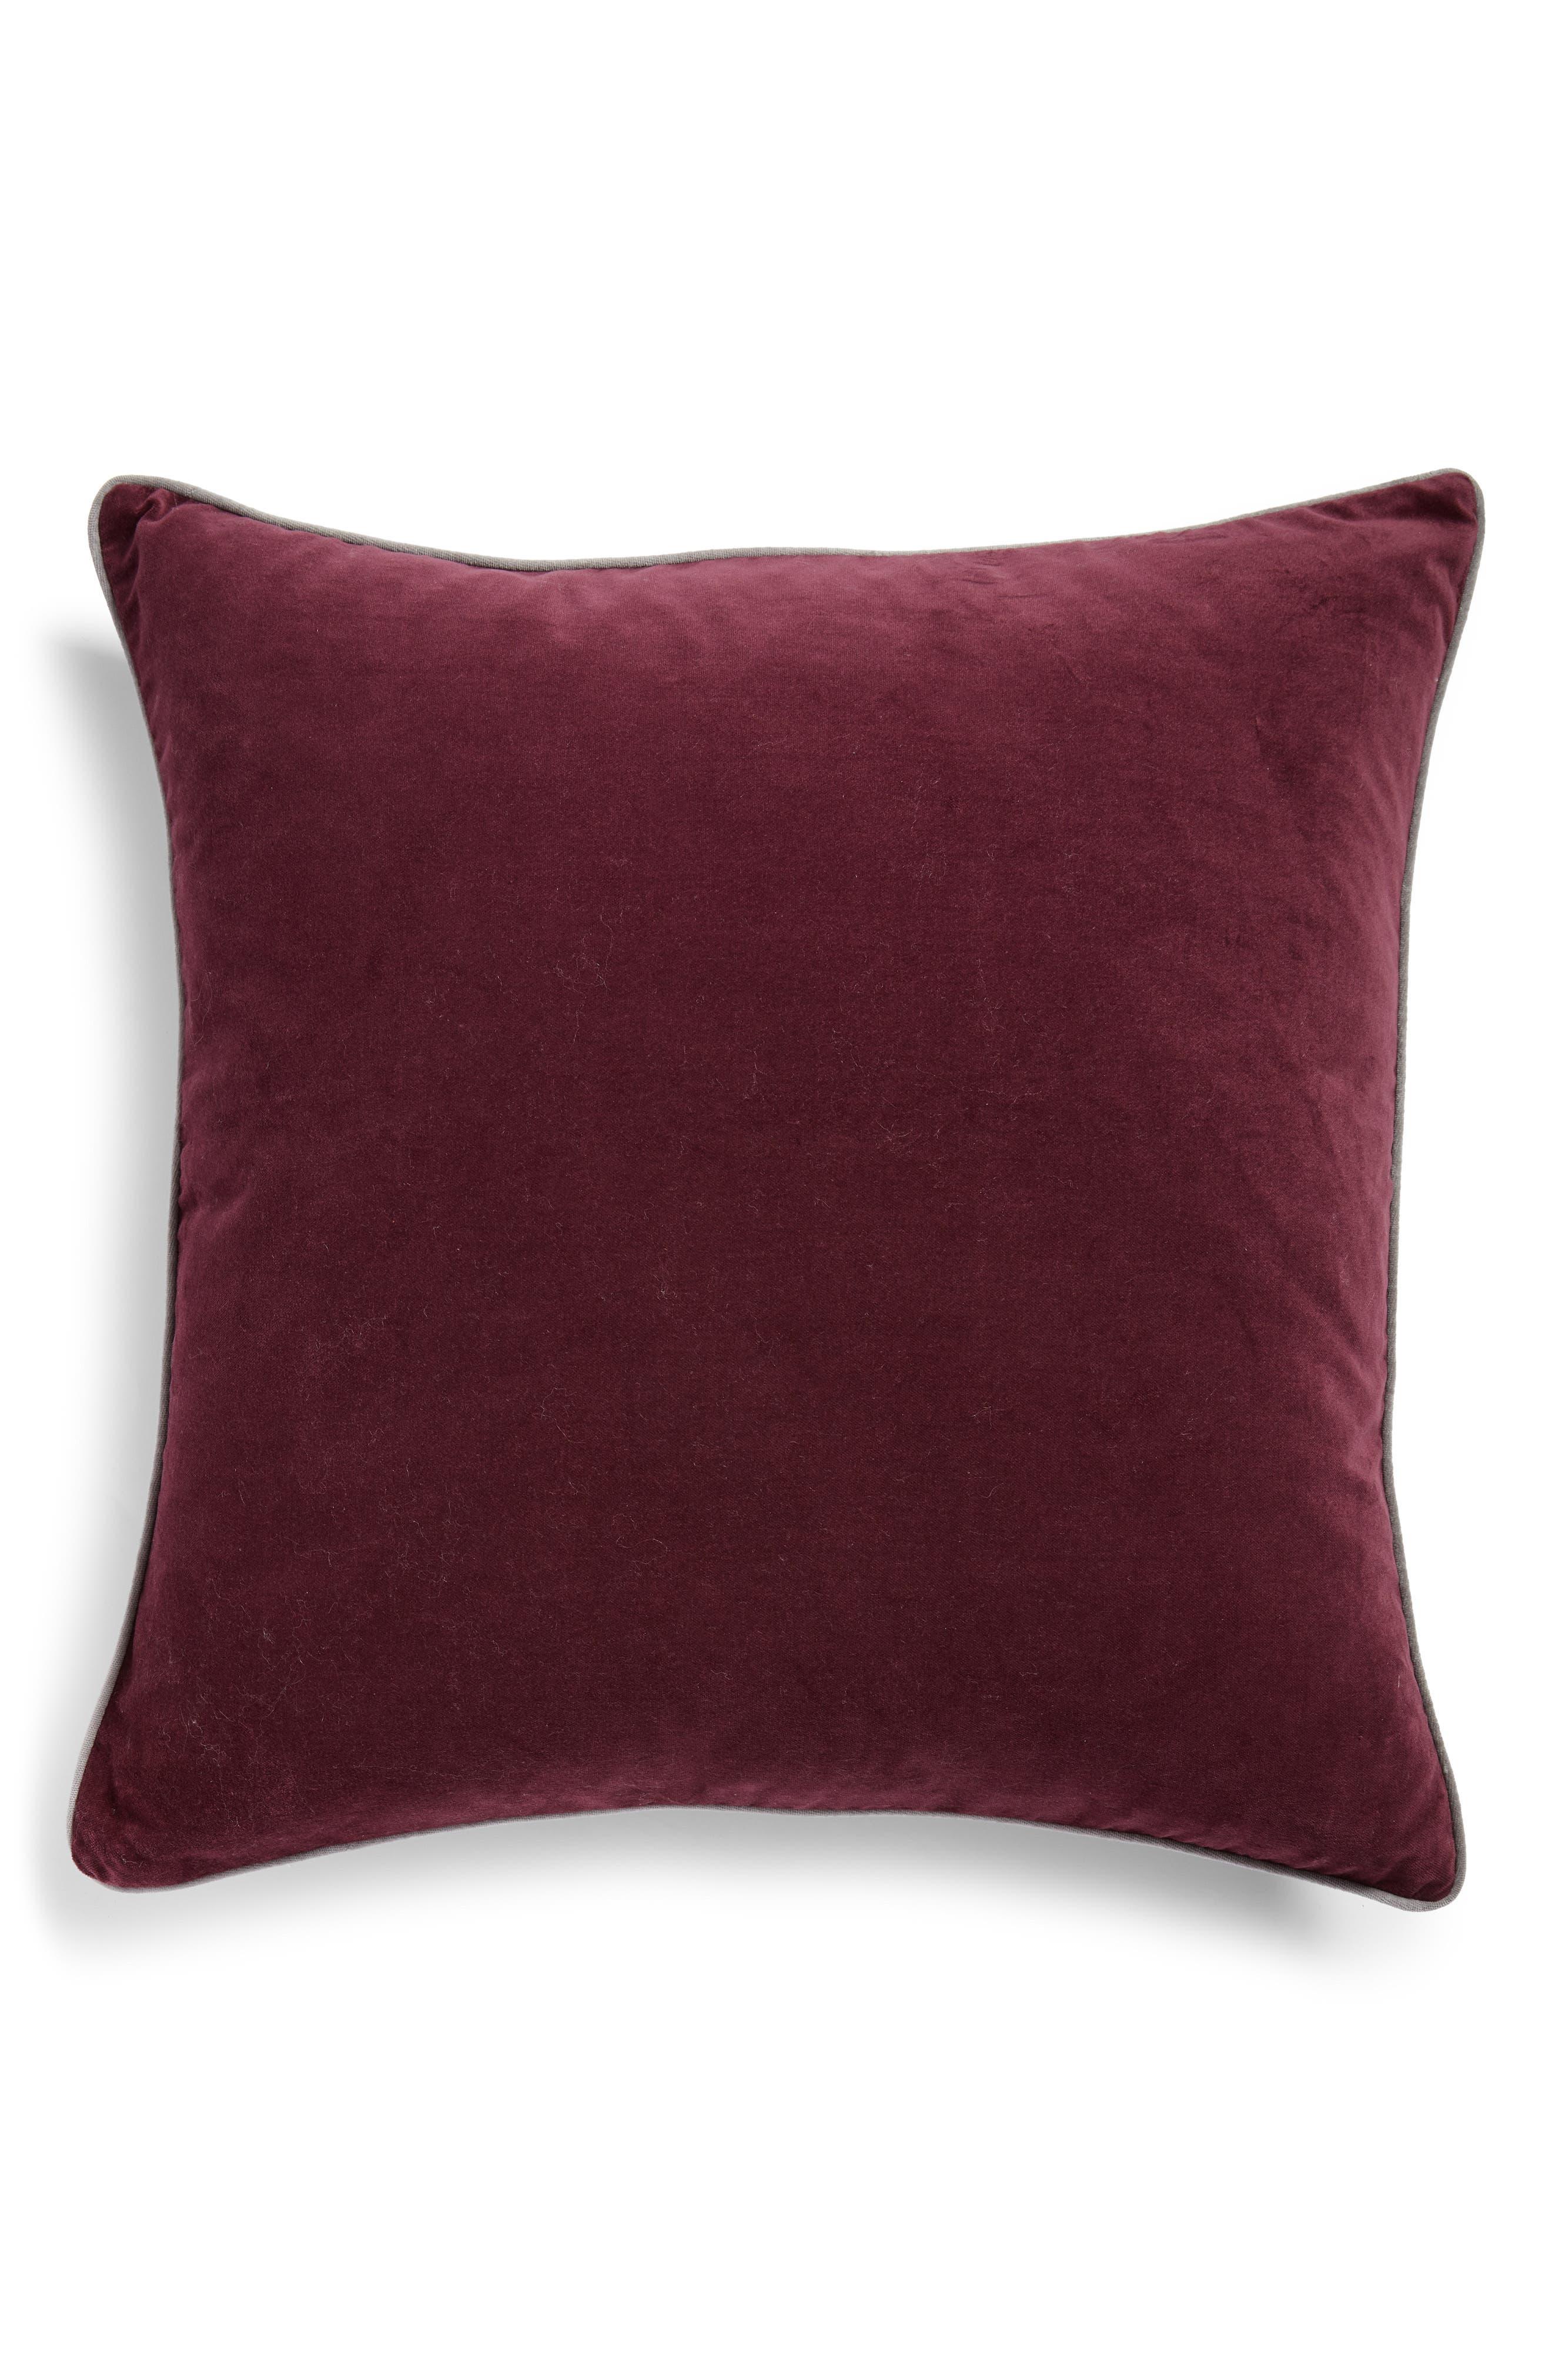 Velvet Border Accent Pillow,                             Main thumbnail 1, color,                             BURGUNDY STEM